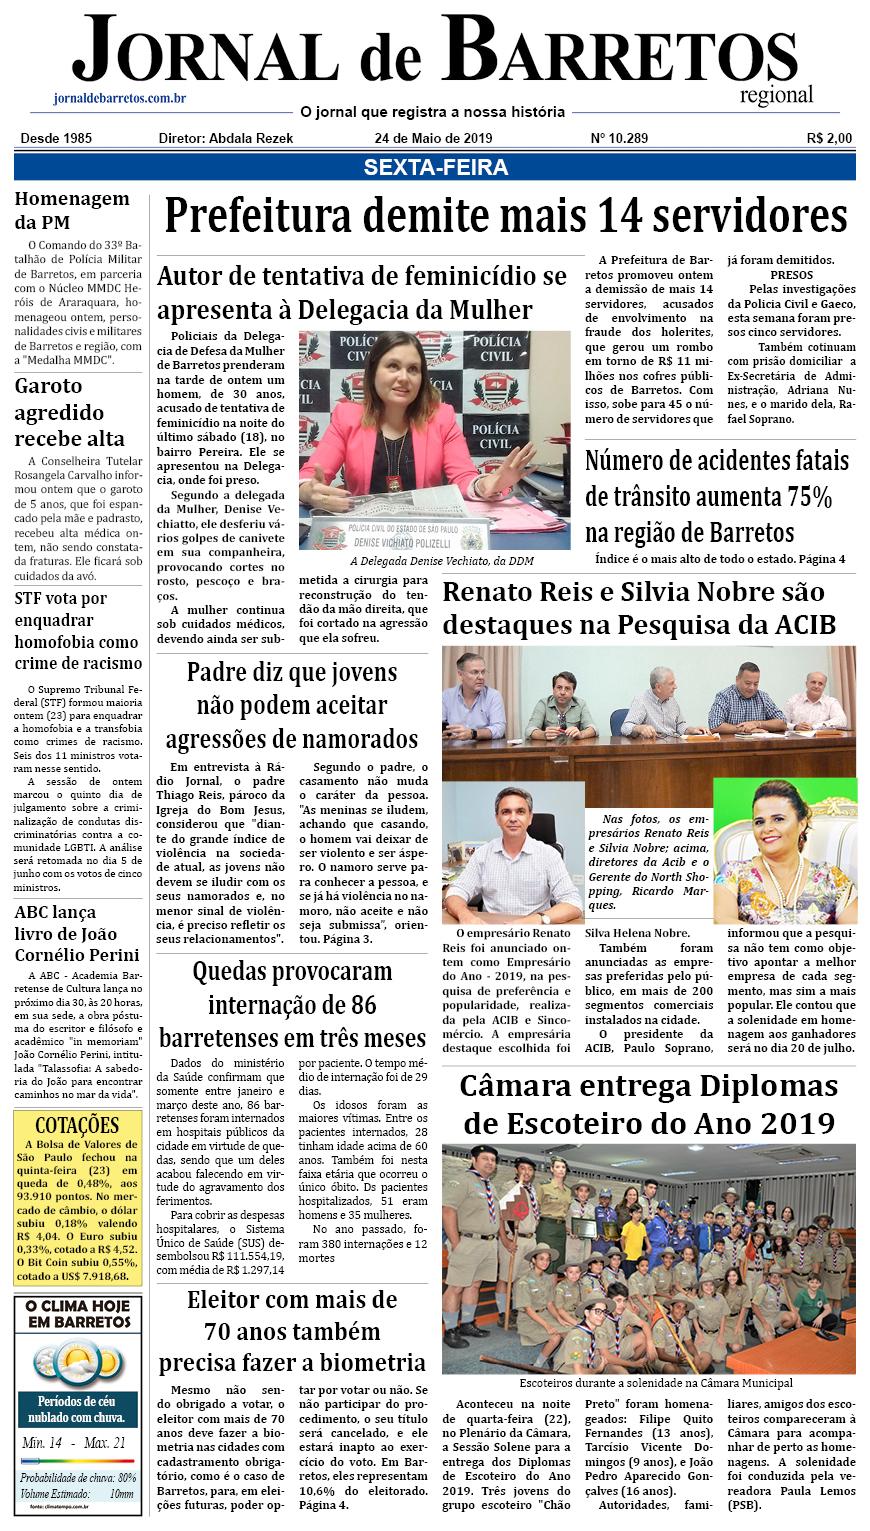 Prefeitura de Barretos-SP demite mais 14 servidores envolvidos no caso de corrupção dos holerites premiados  (Jornal de Barretos Regional)